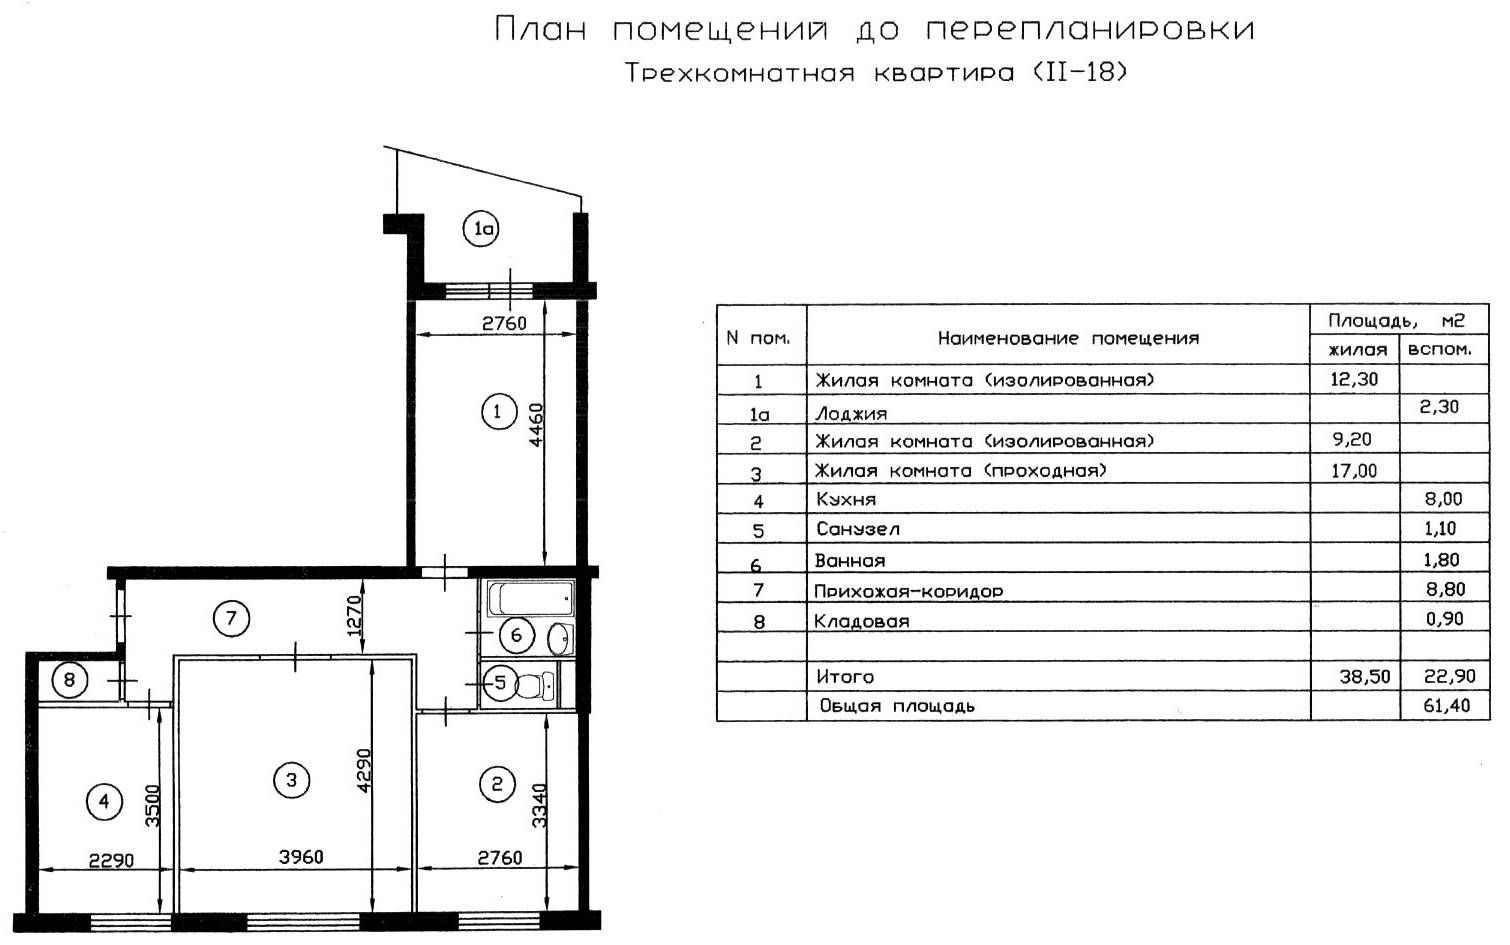 II-18 планировка трехкомнатной квартиры